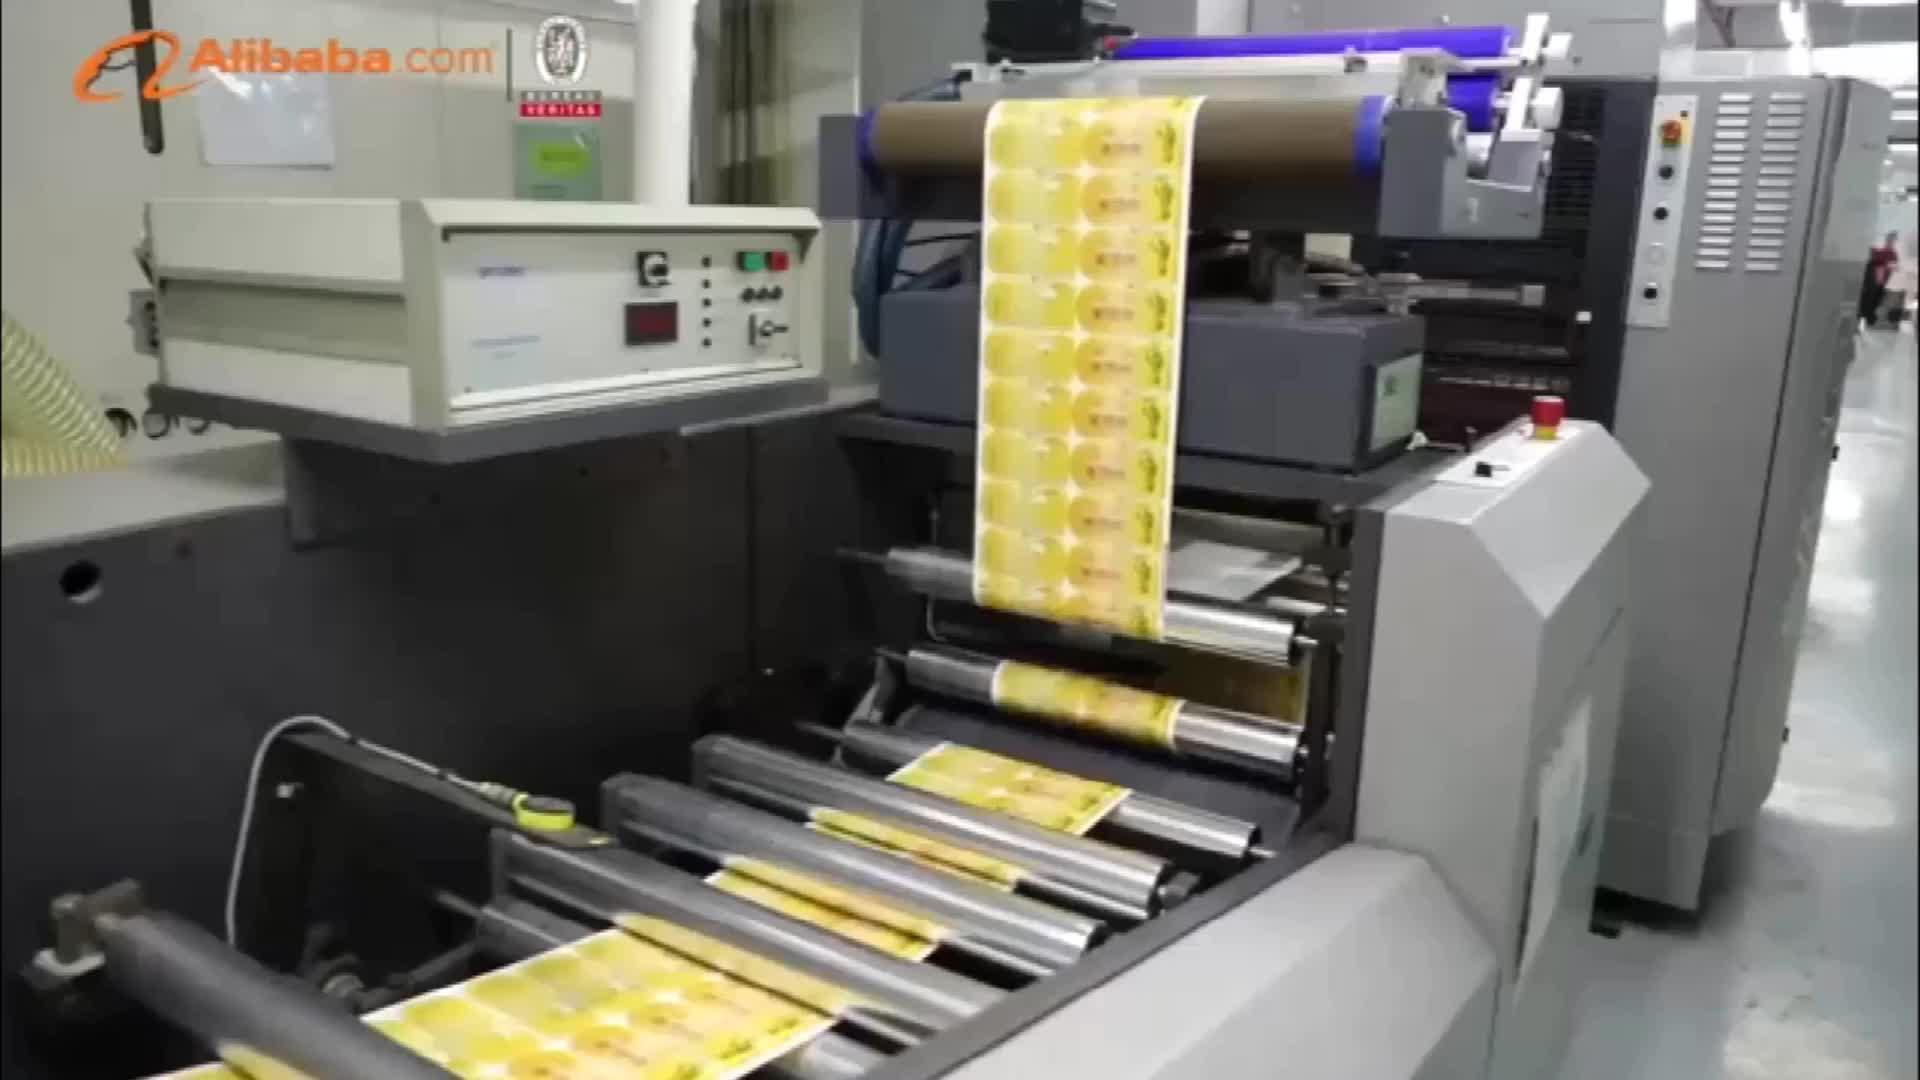 Venda quente cosméticos impresso etiqueta de papel máquina de rolo de vinil adesivo da etiqueta autocolante para o frasco de cosméticos